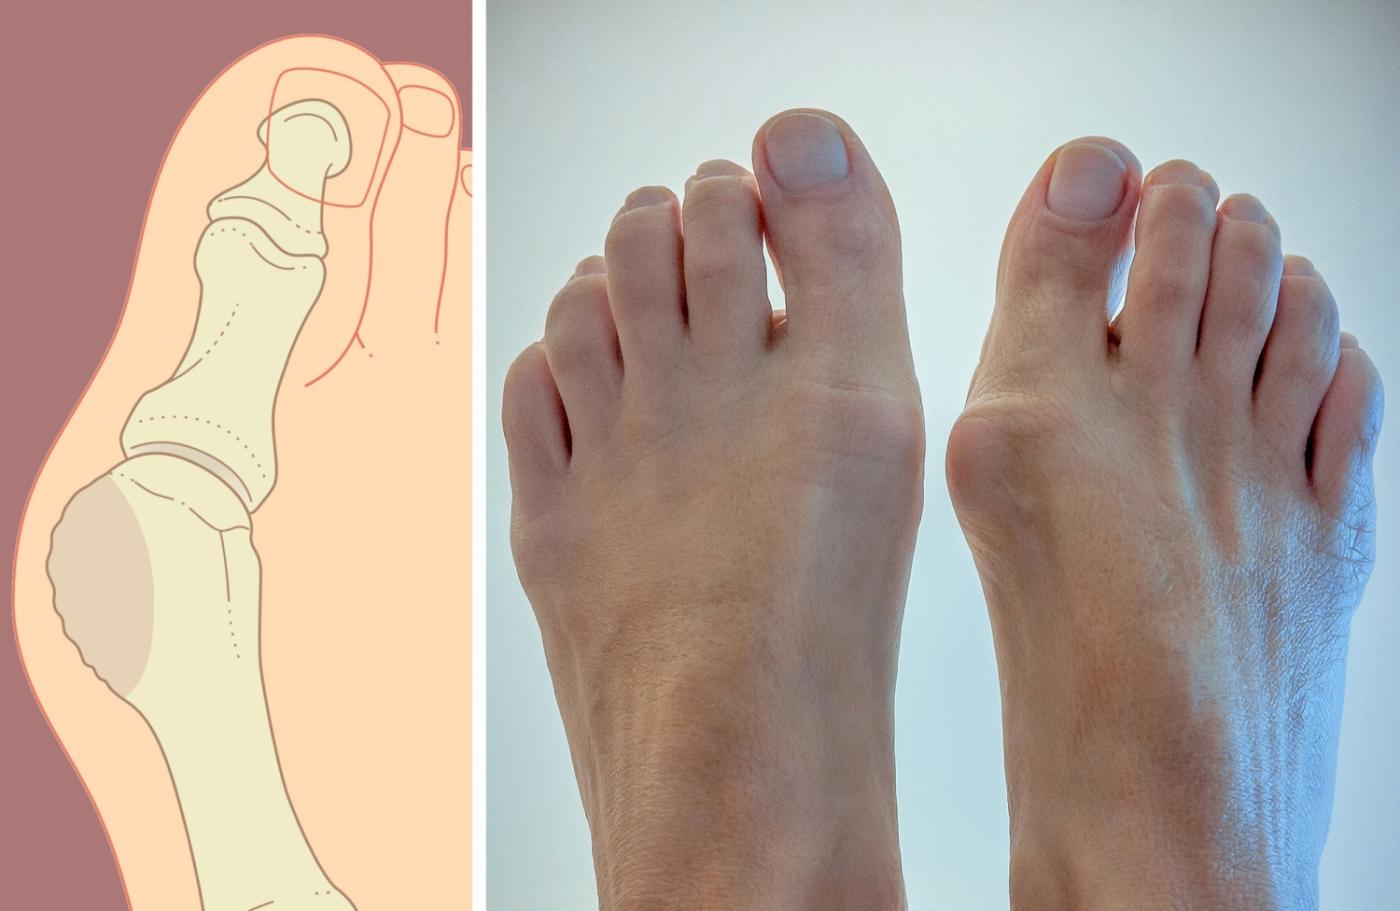 Как убрать шишки (косточки) на ногах? | форум Woman.ru